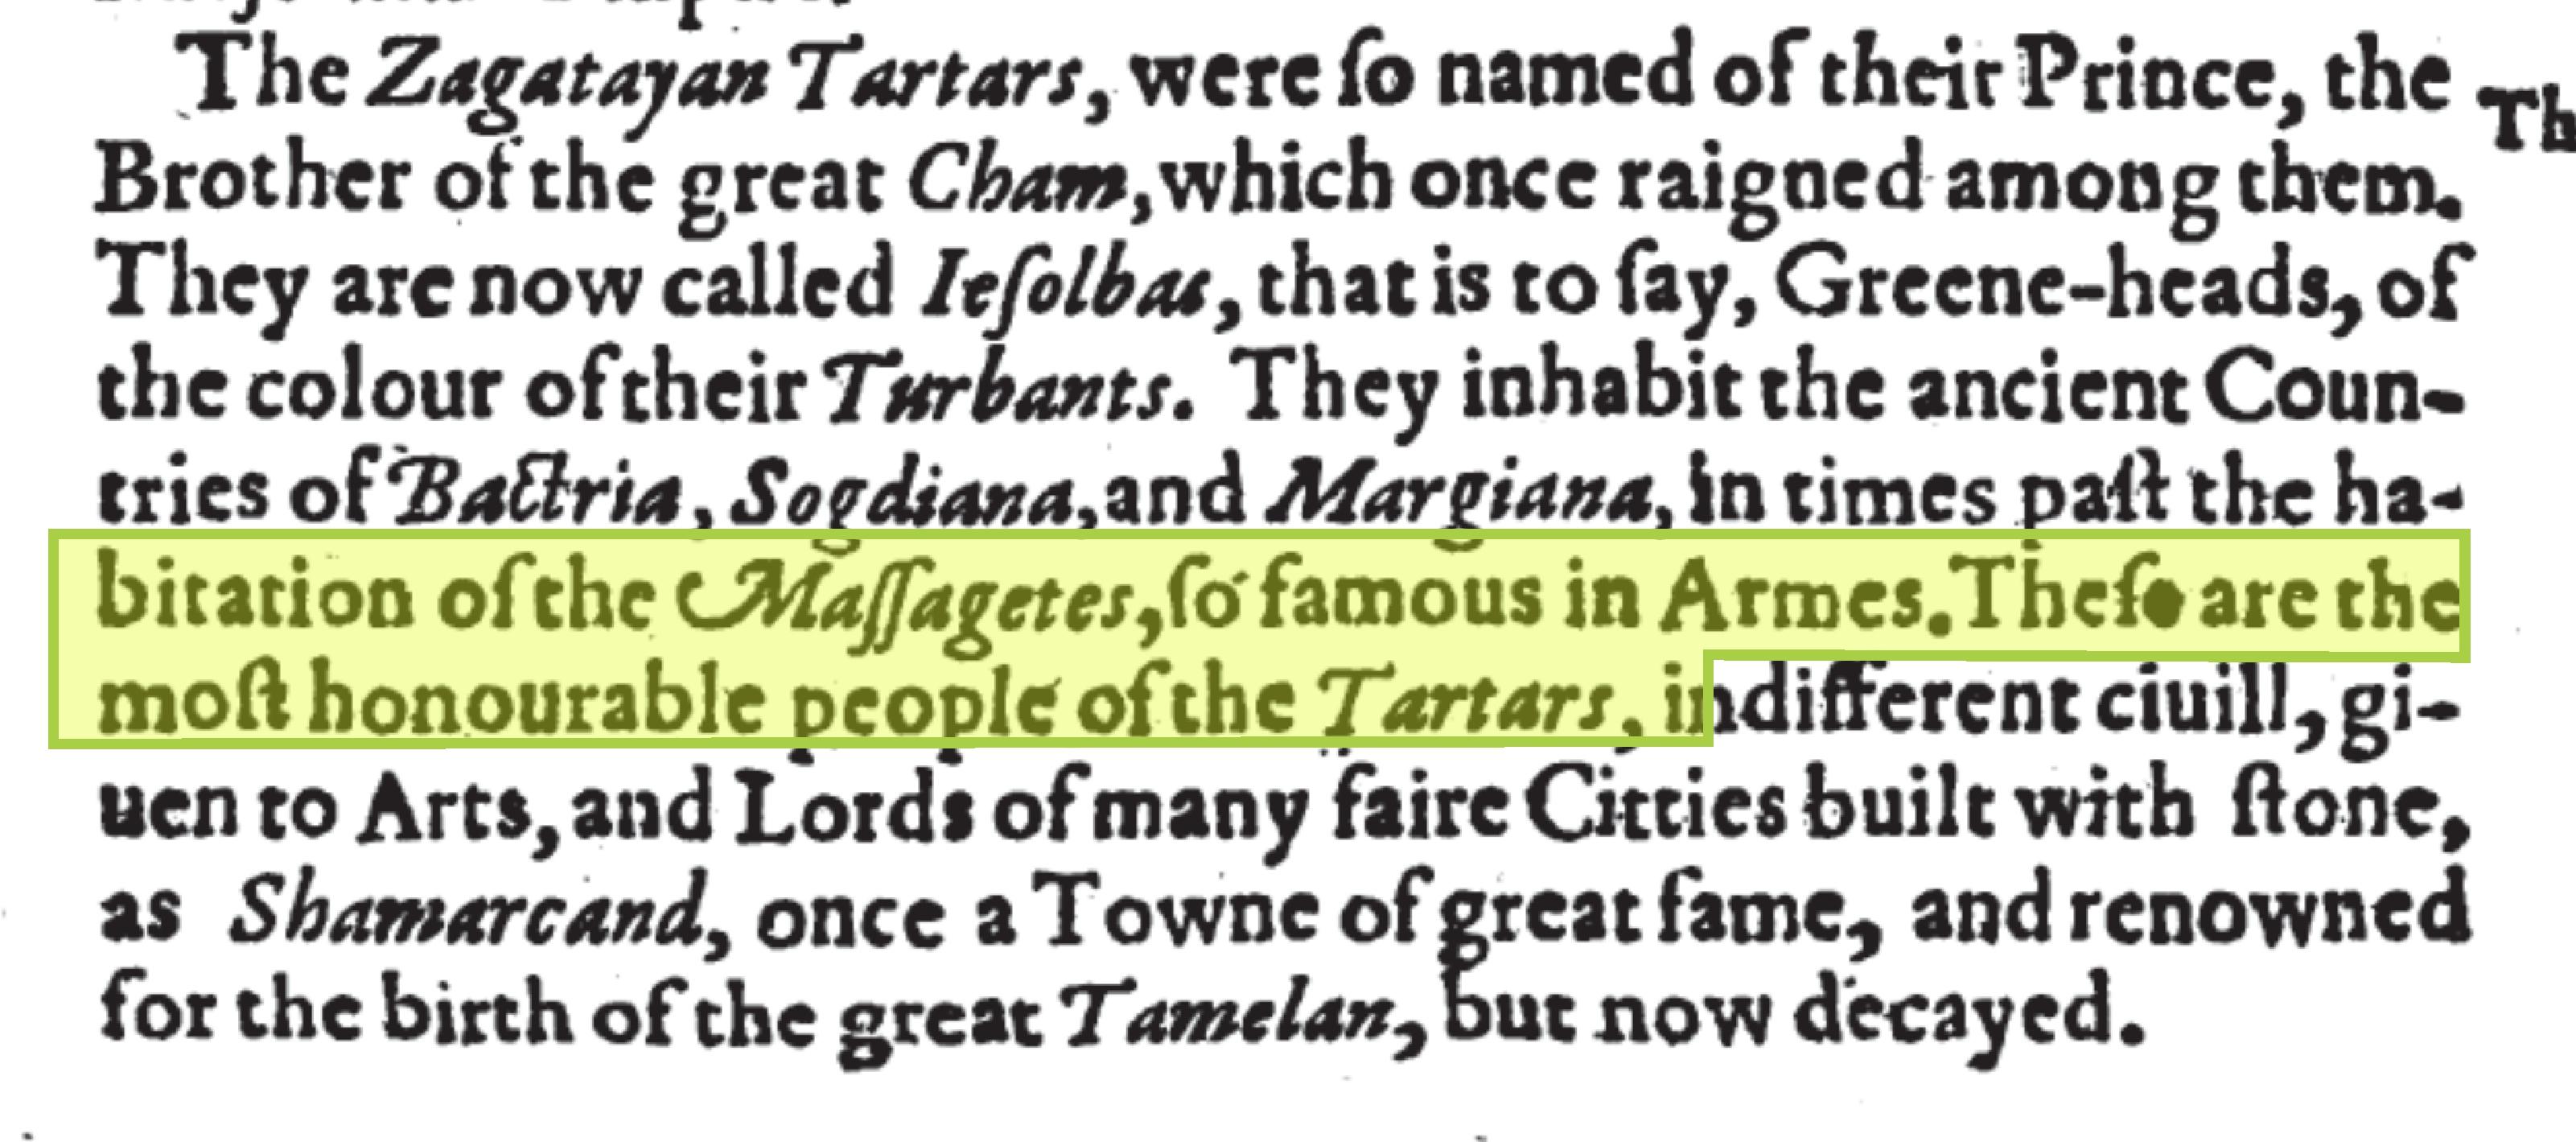 Фрагмент британской книги от 1611 года с описанием тартар.